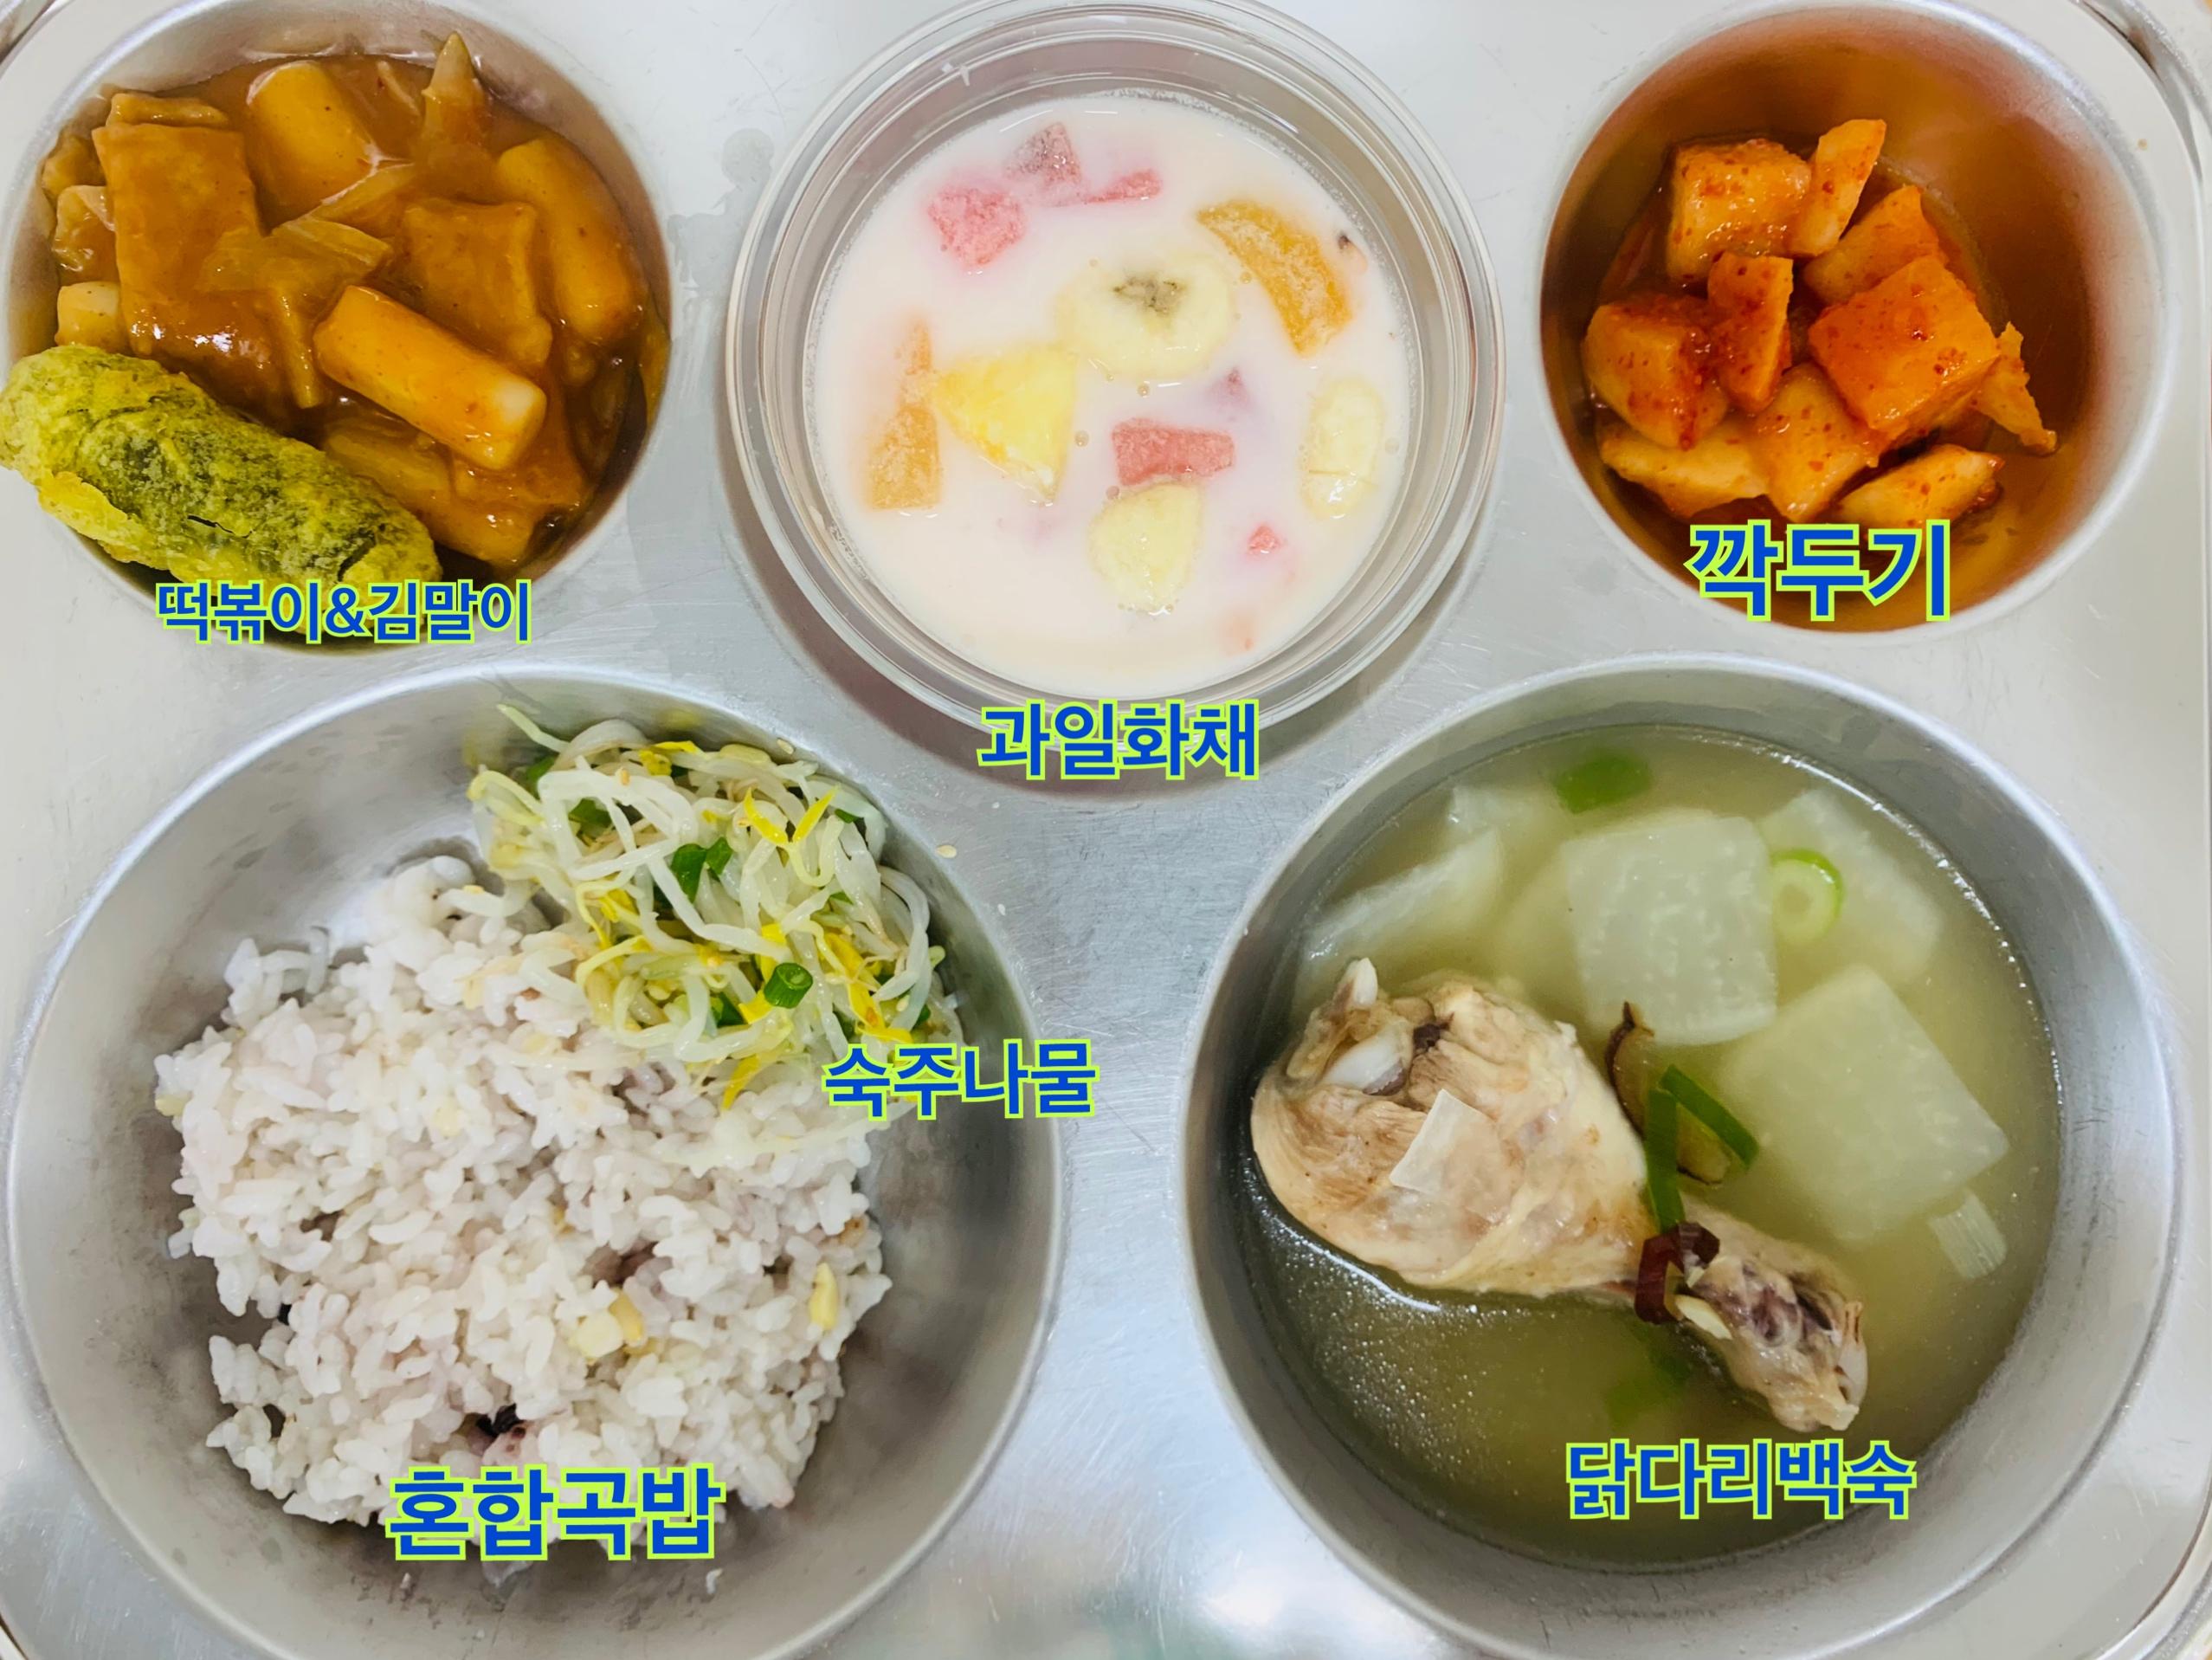 [일반] 7월 9일 식단 안내의 첨부이미지 1